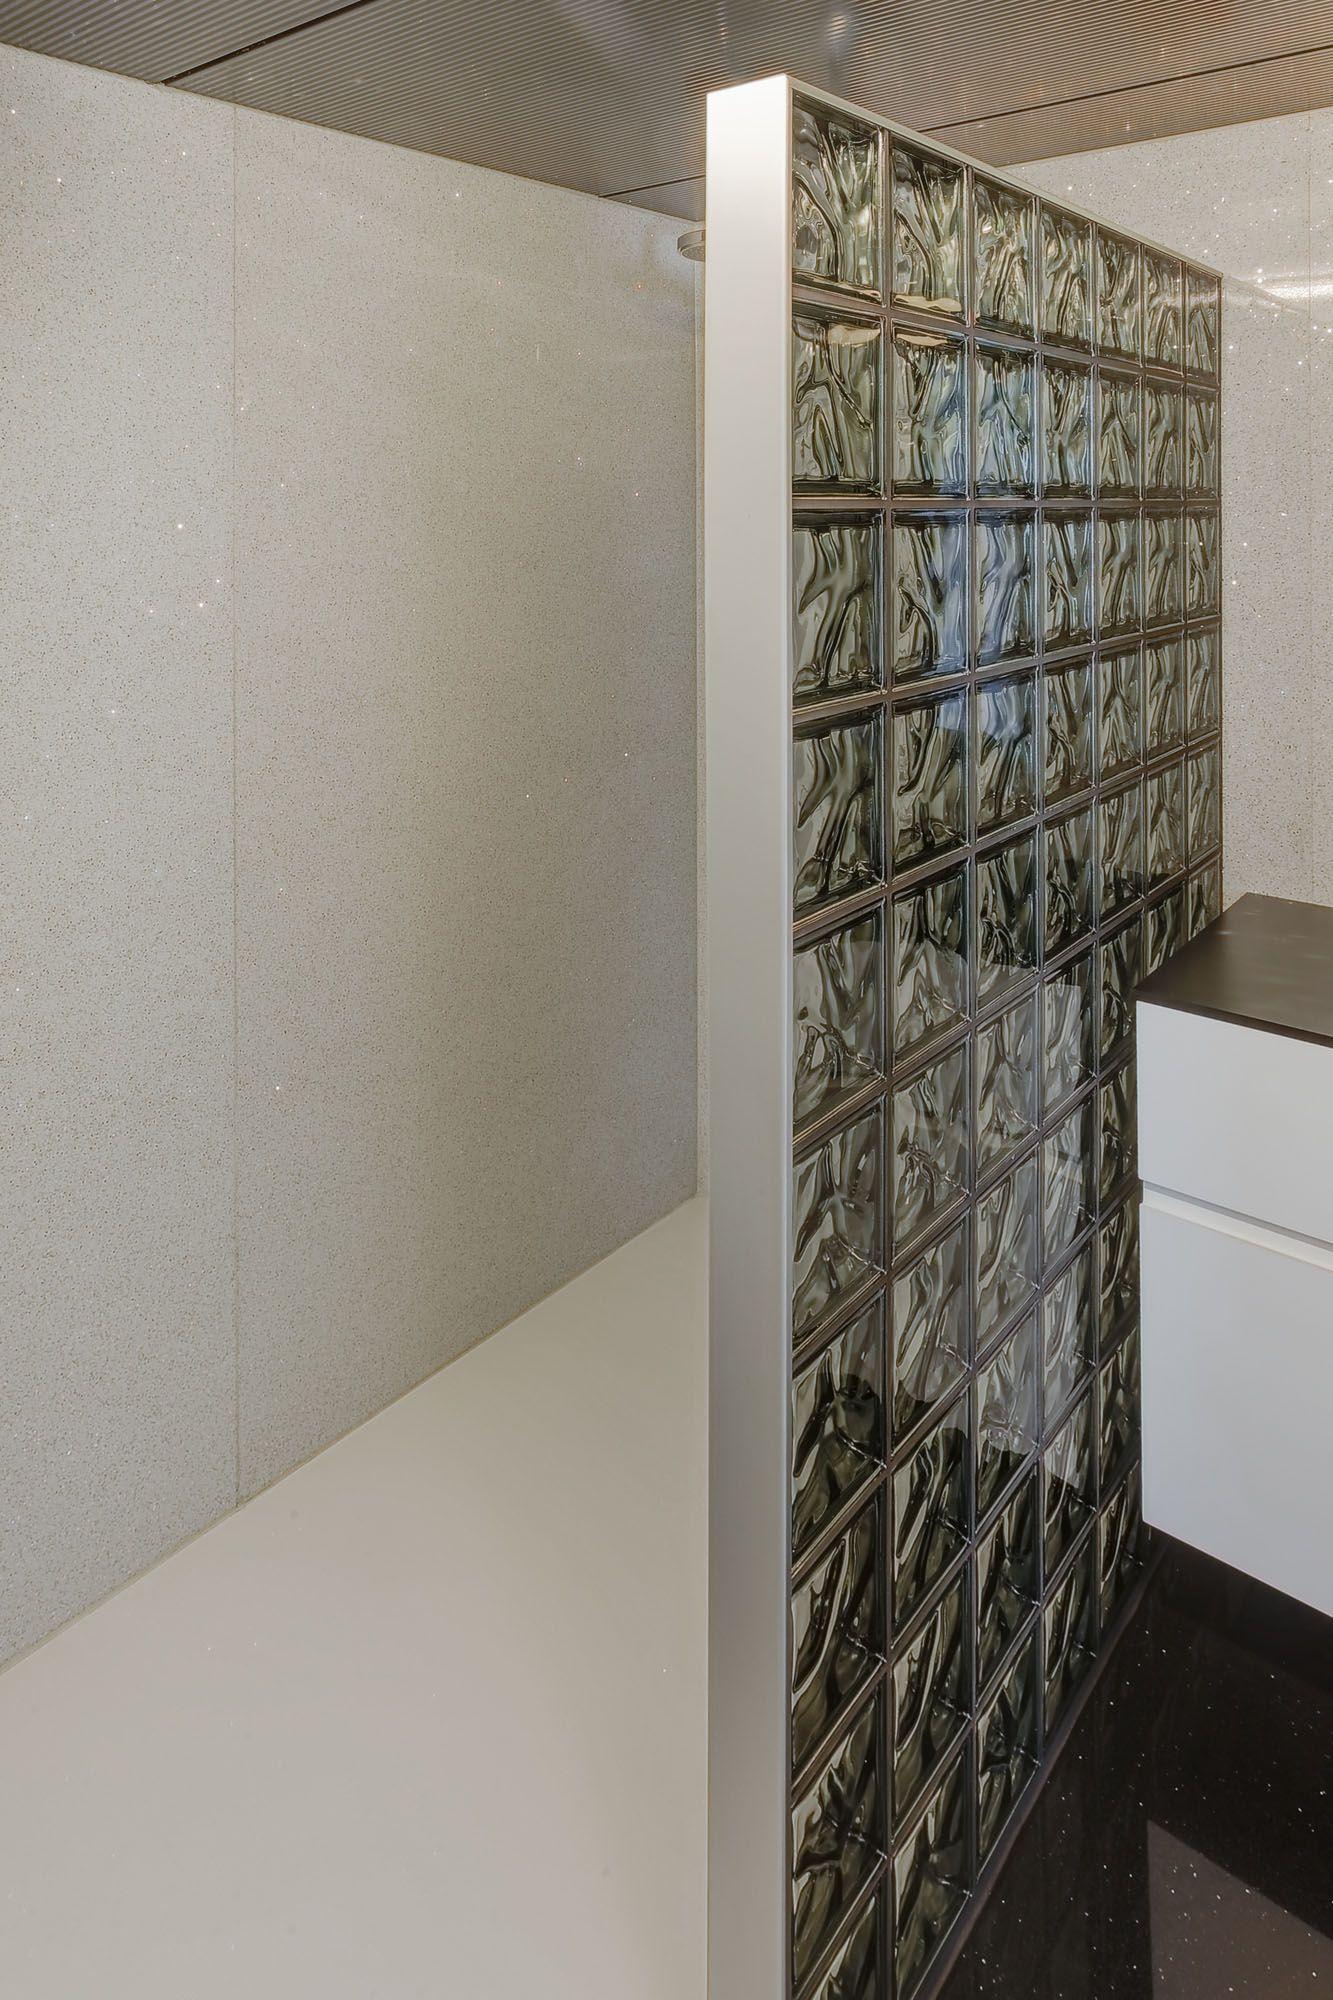 douchewand in glazen bouwstenen glastegels glasblokken